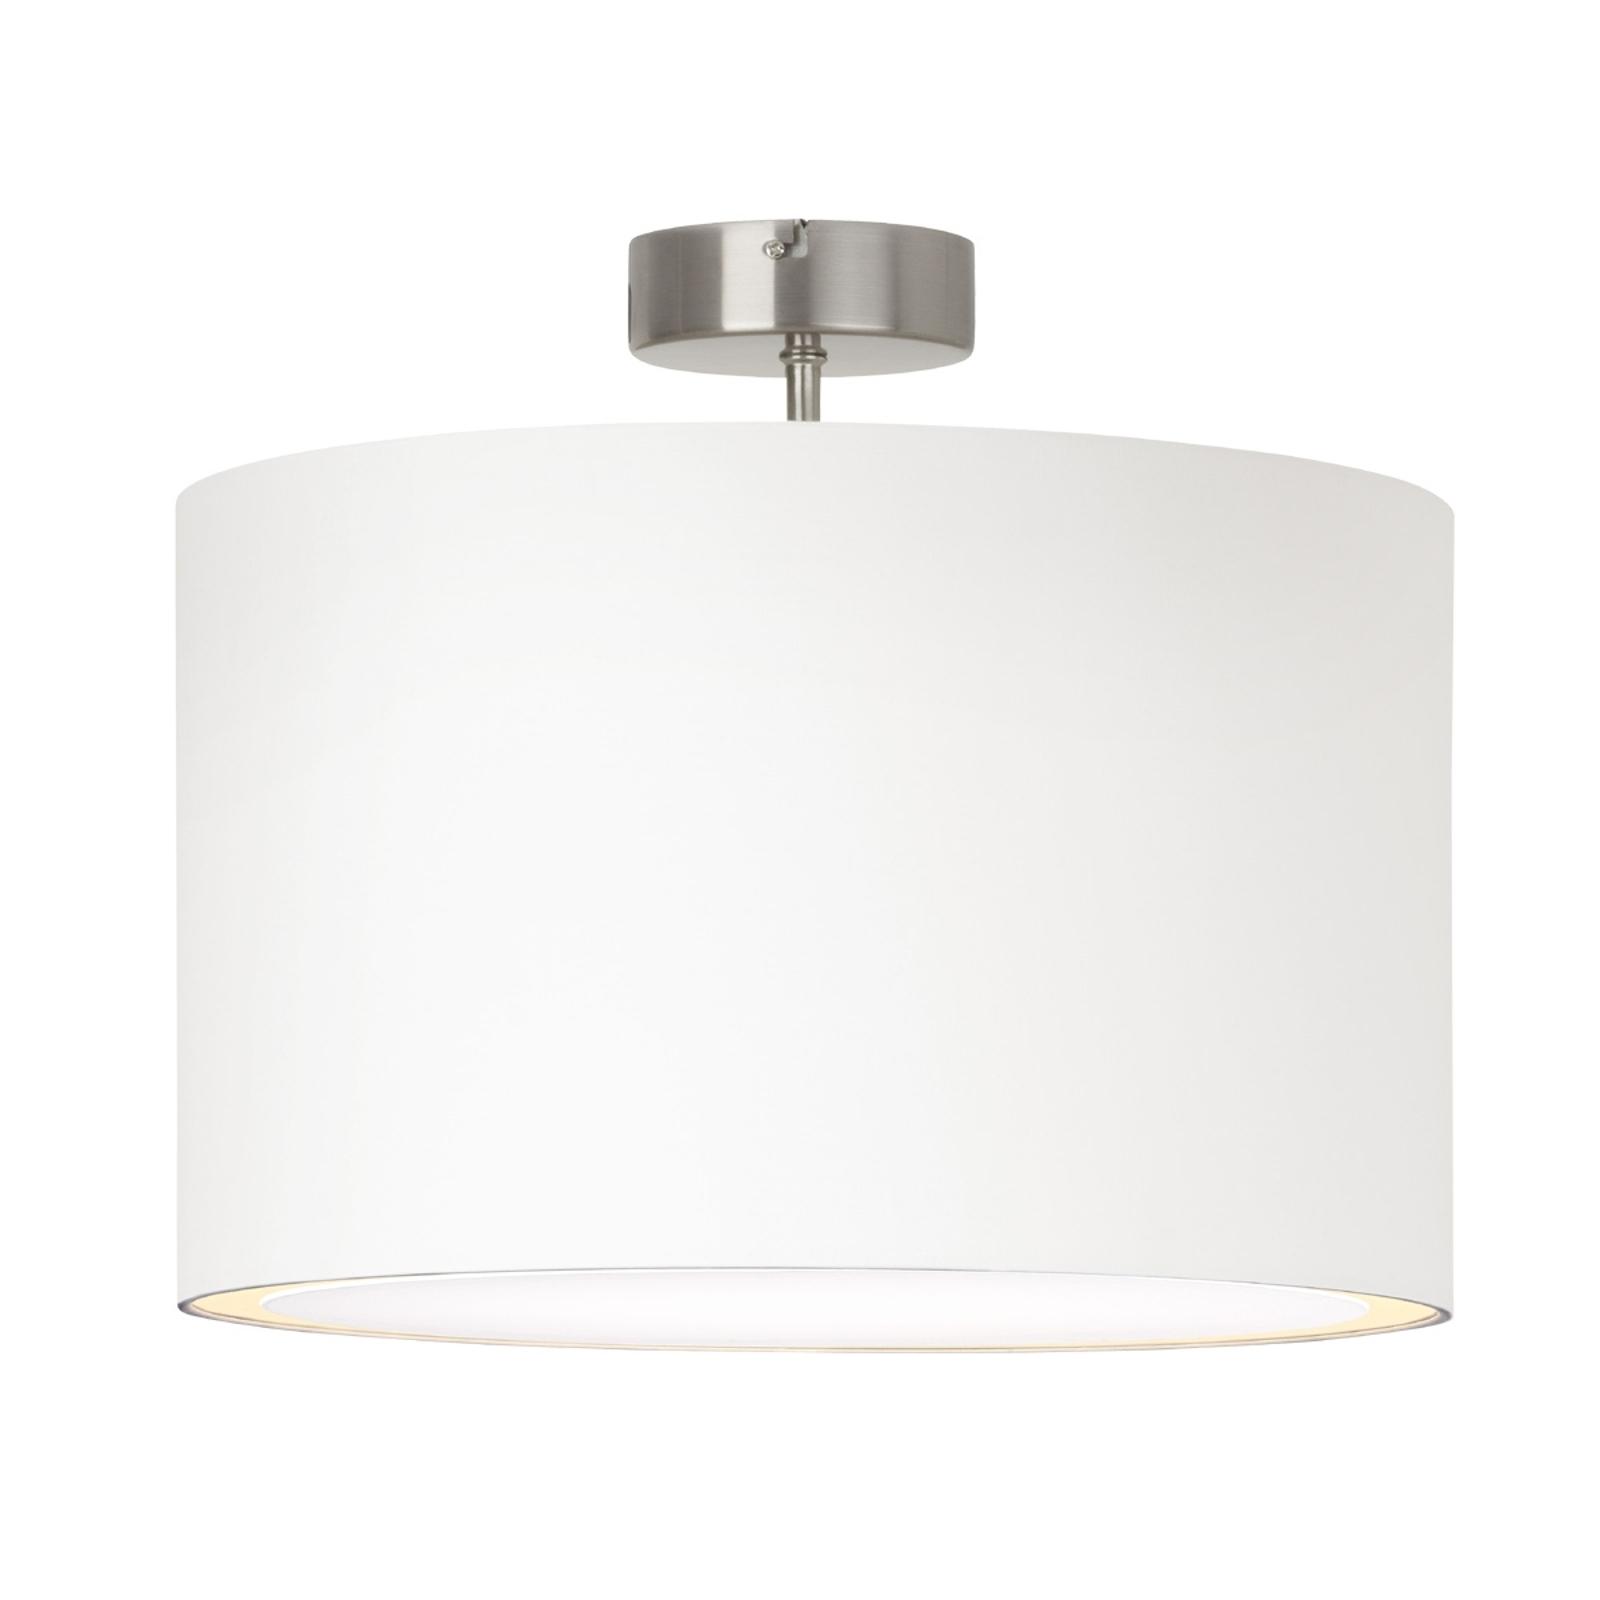 Prosta lampa sufitowa Clarie biała